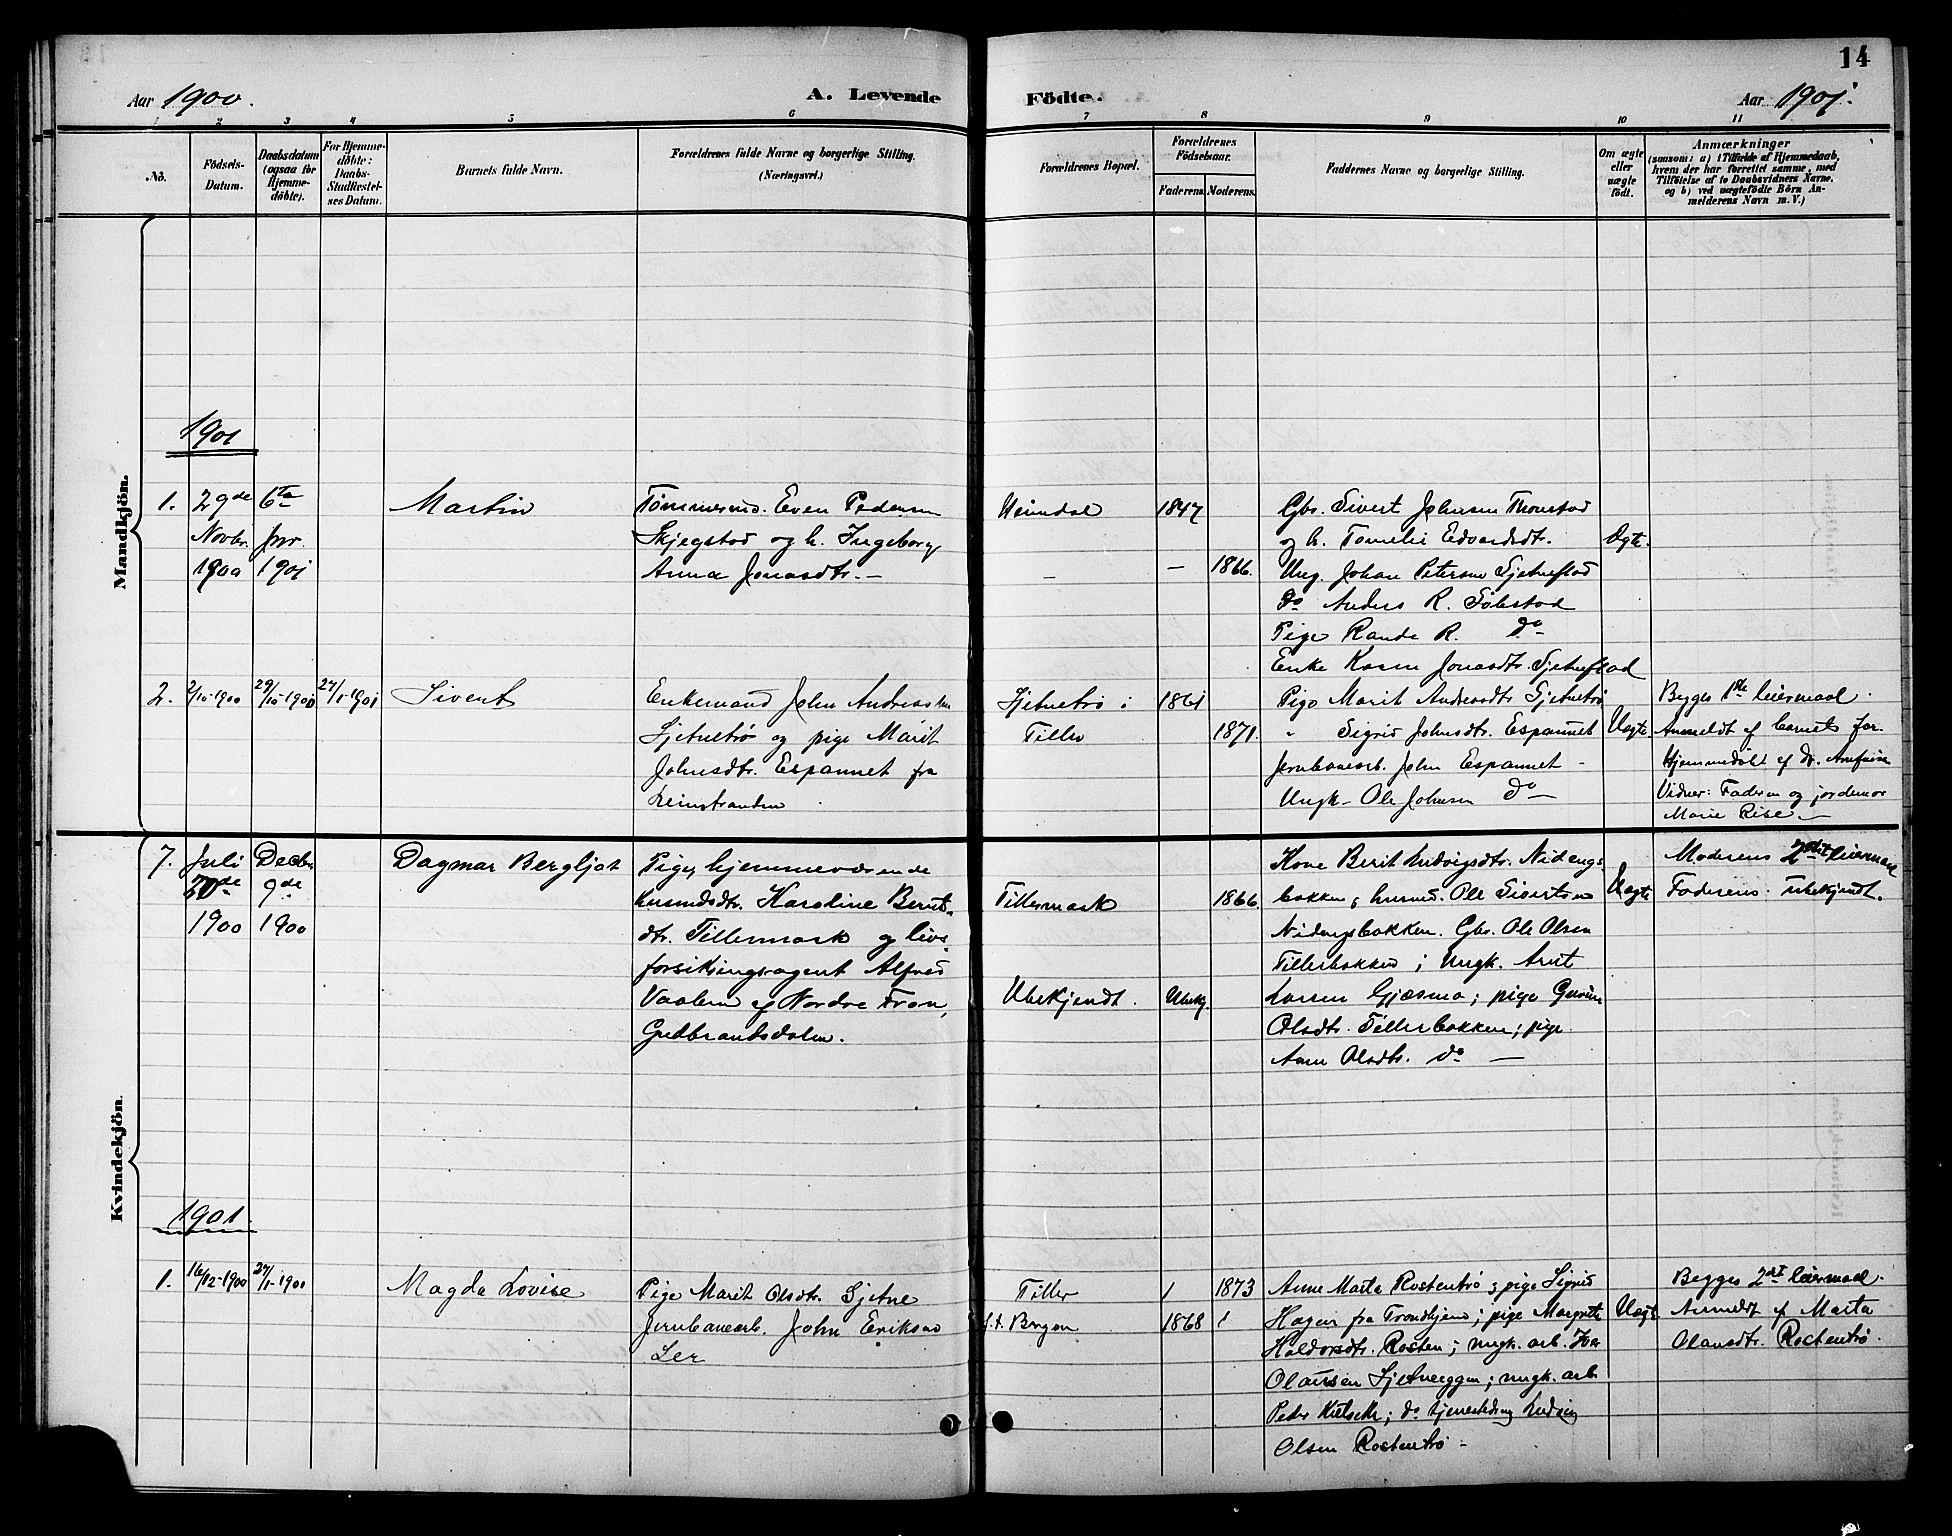 SAT, Ministerialprotokoller, klokkerbøker og fødselsregistre - Sør-Trøndelag, 621/L0460: Klokkerbok nr. 621C03, 1896-1914, s. 14